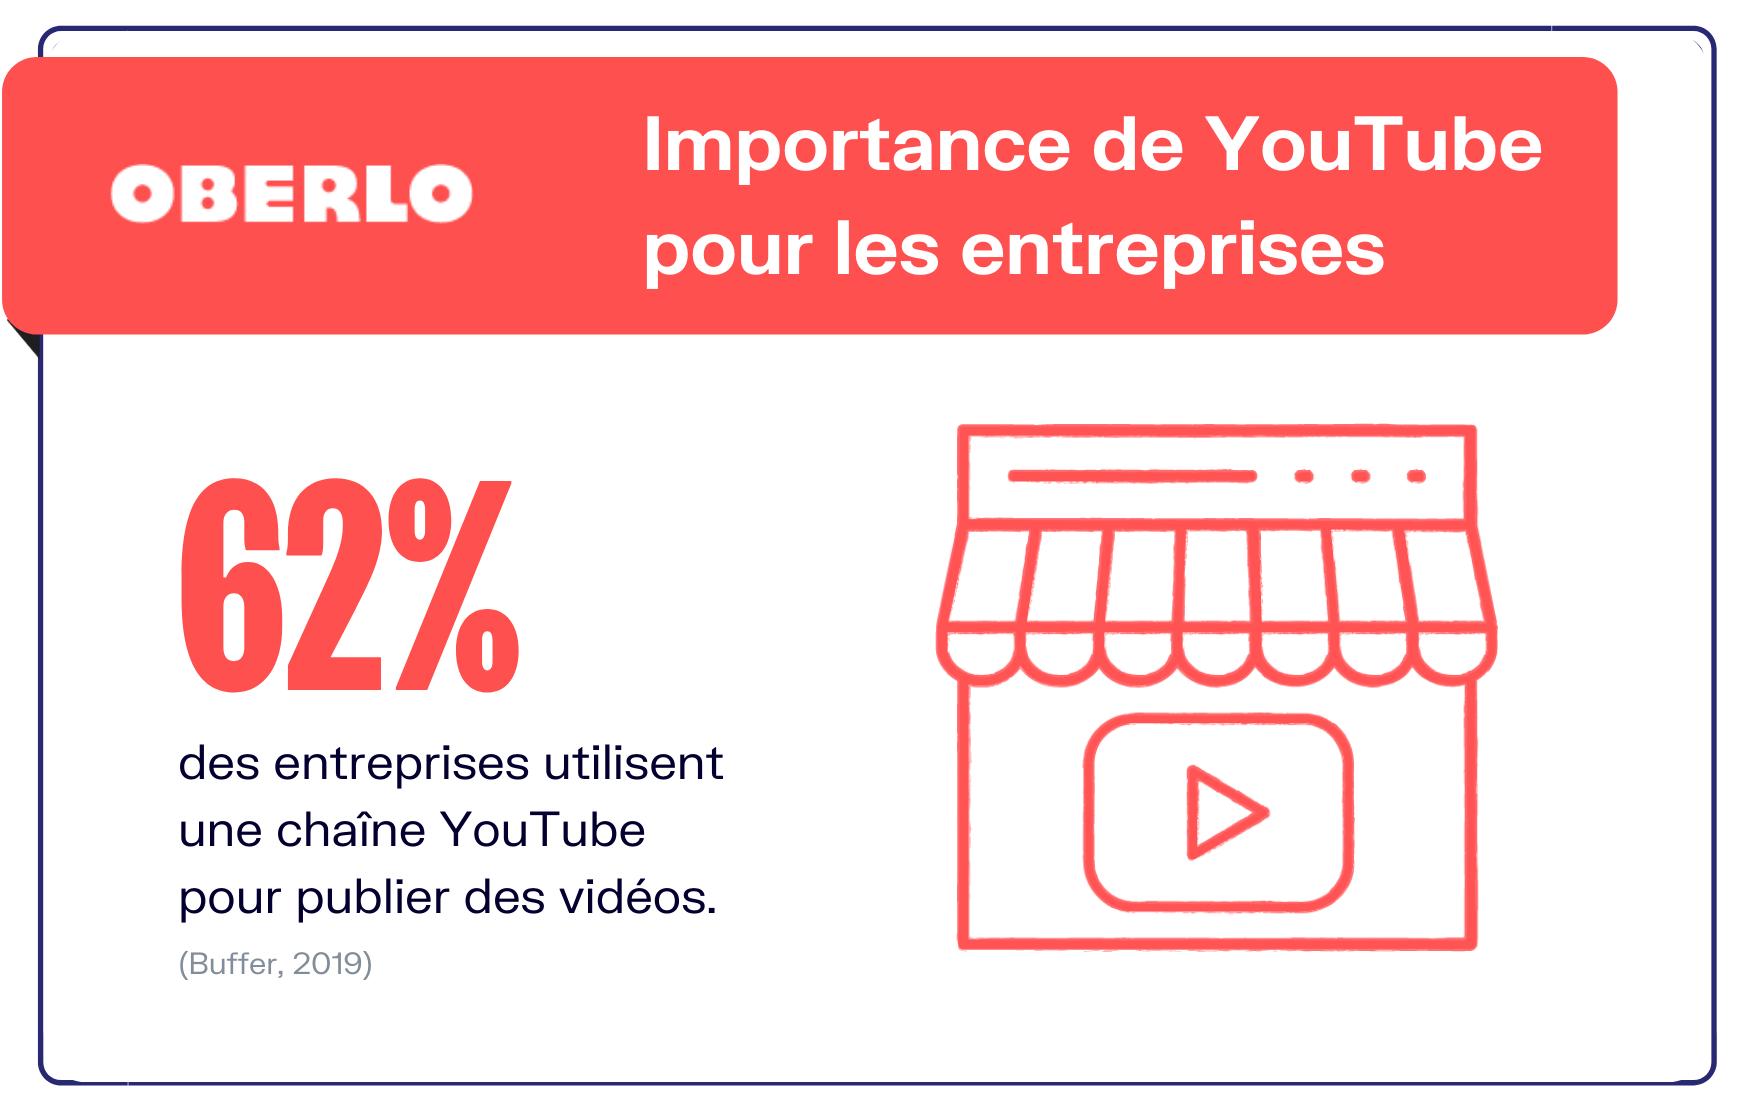 Youtube statistiques pour les entreprises